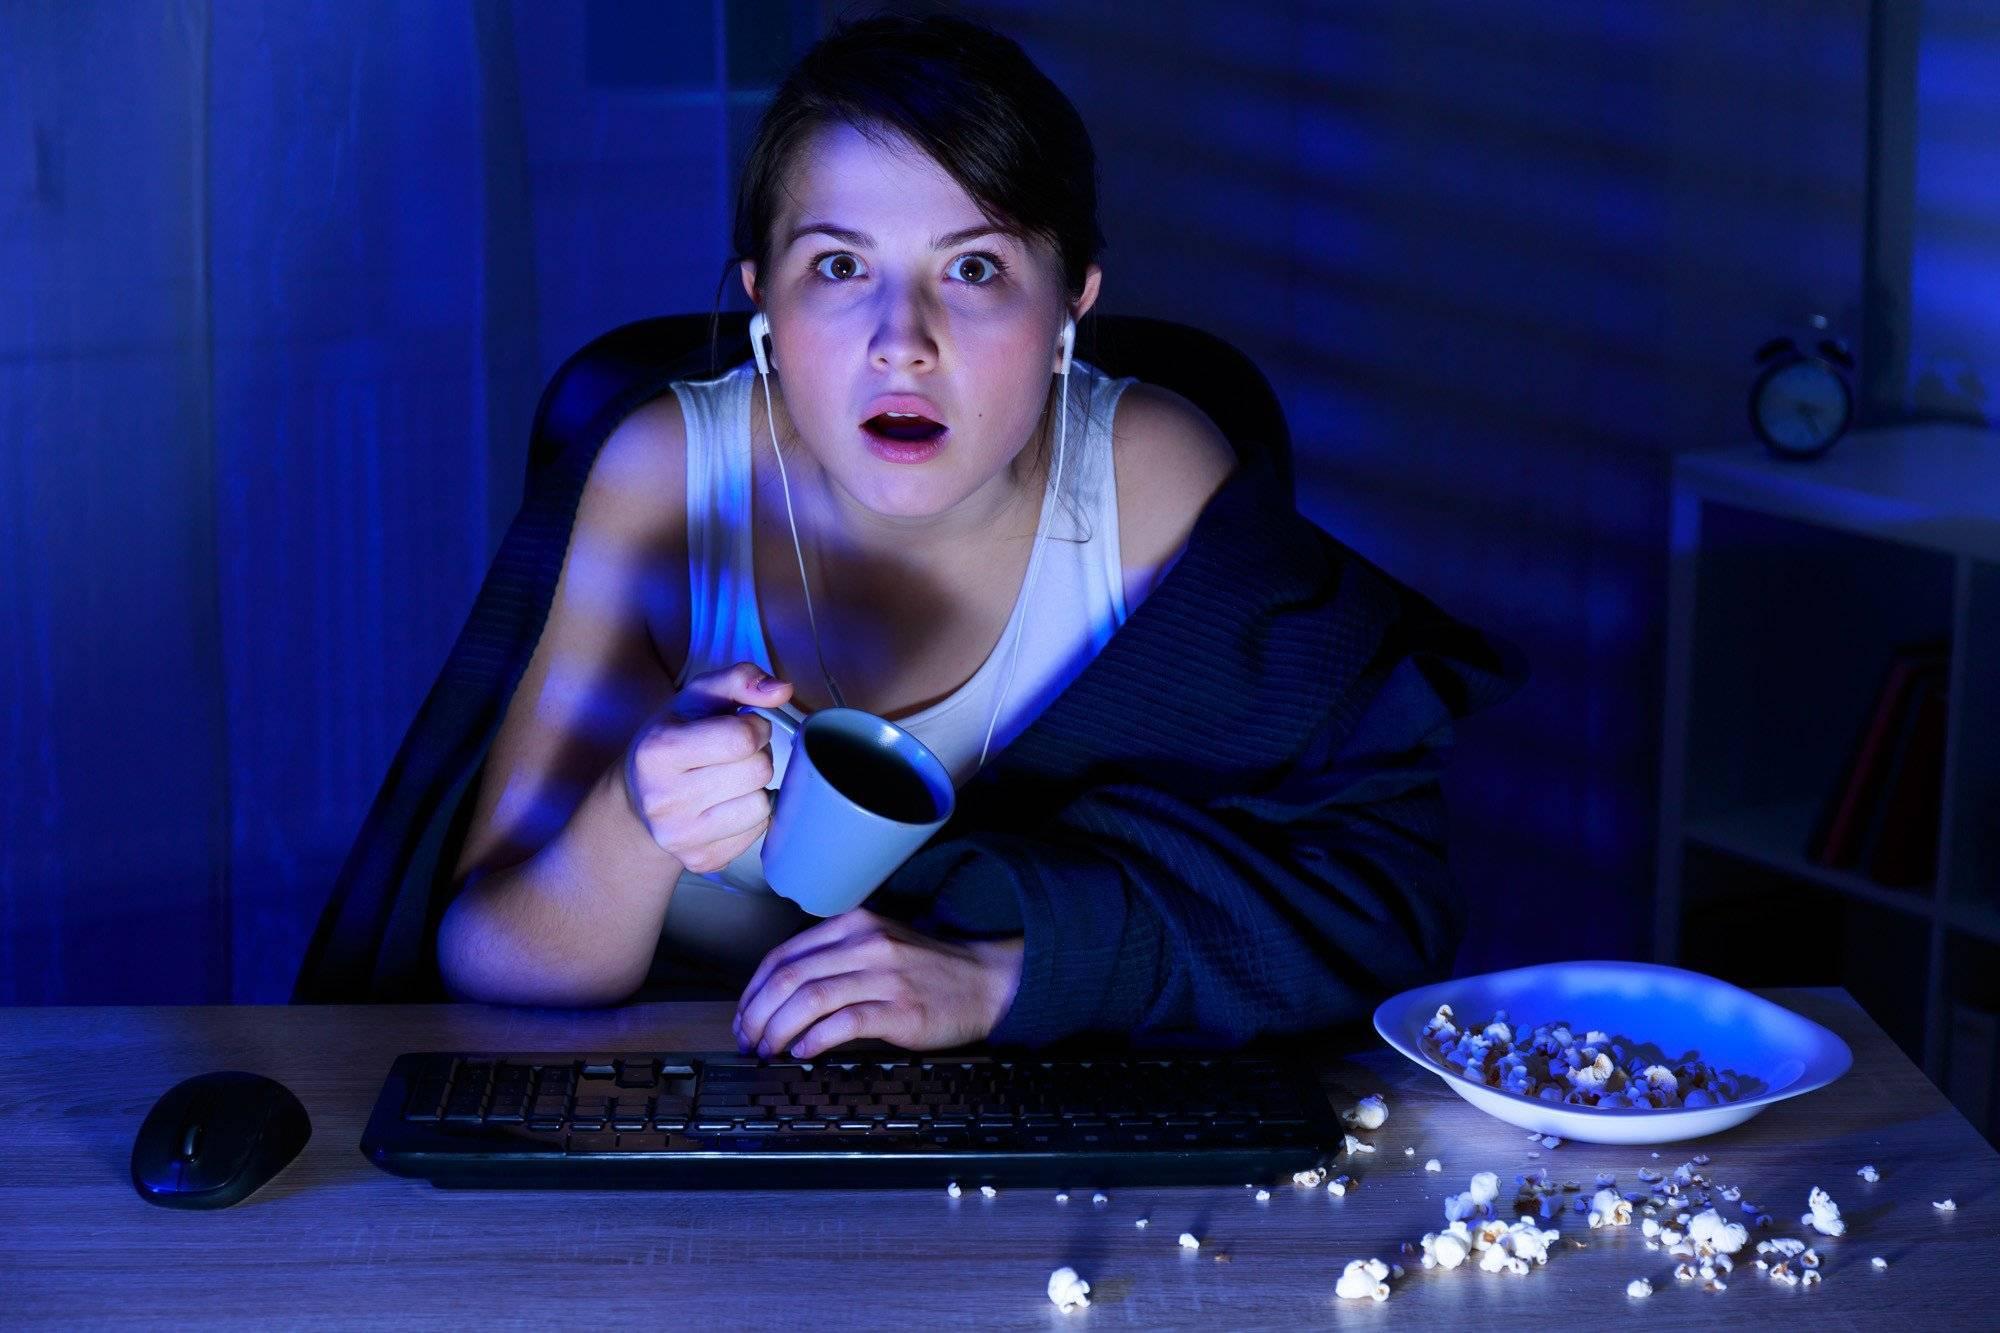 Интернет-зависимость: виды, признаки, пути решения!